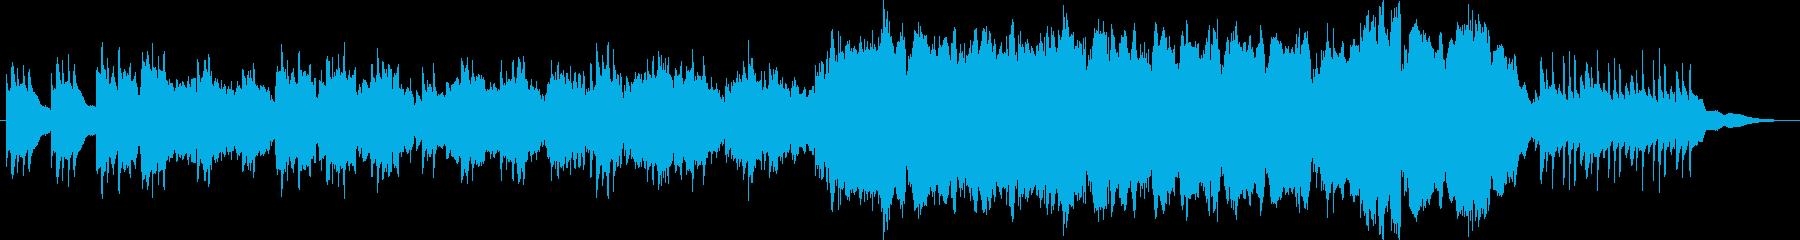 オーケストラによる暗い曲の再生済みの波形